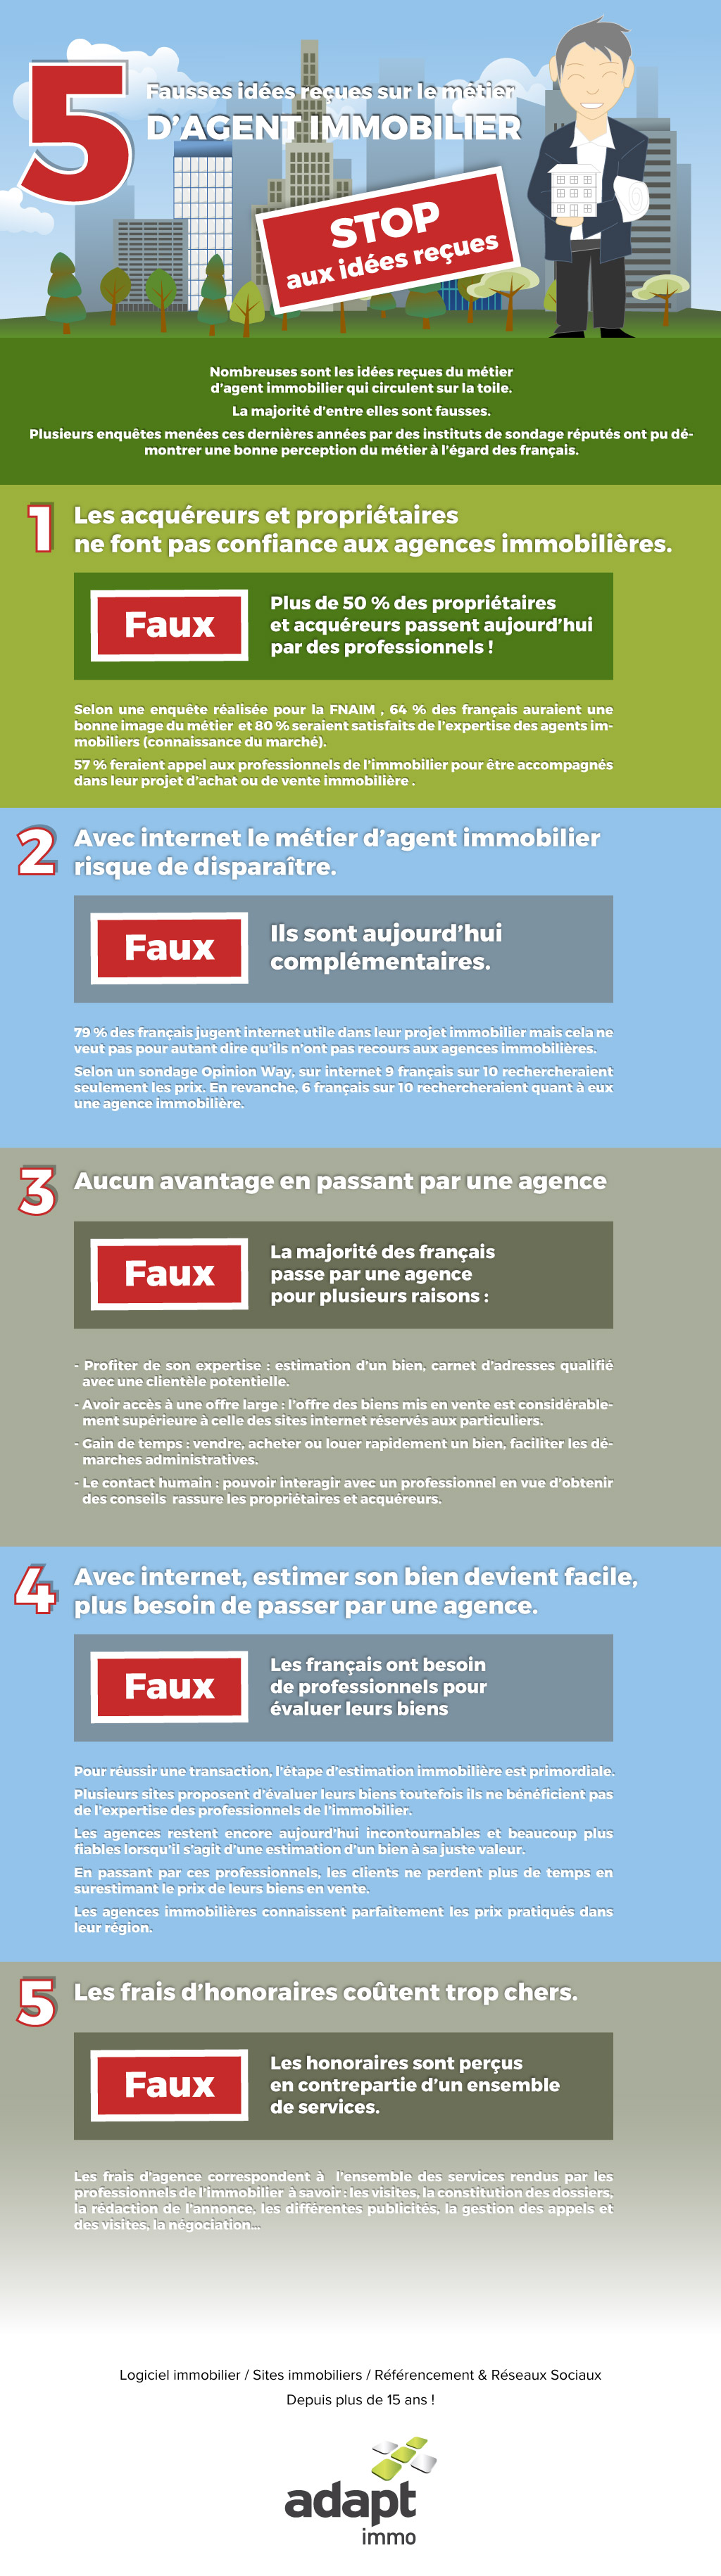 Infographie - Idées reçues du métier d'agent immobilier